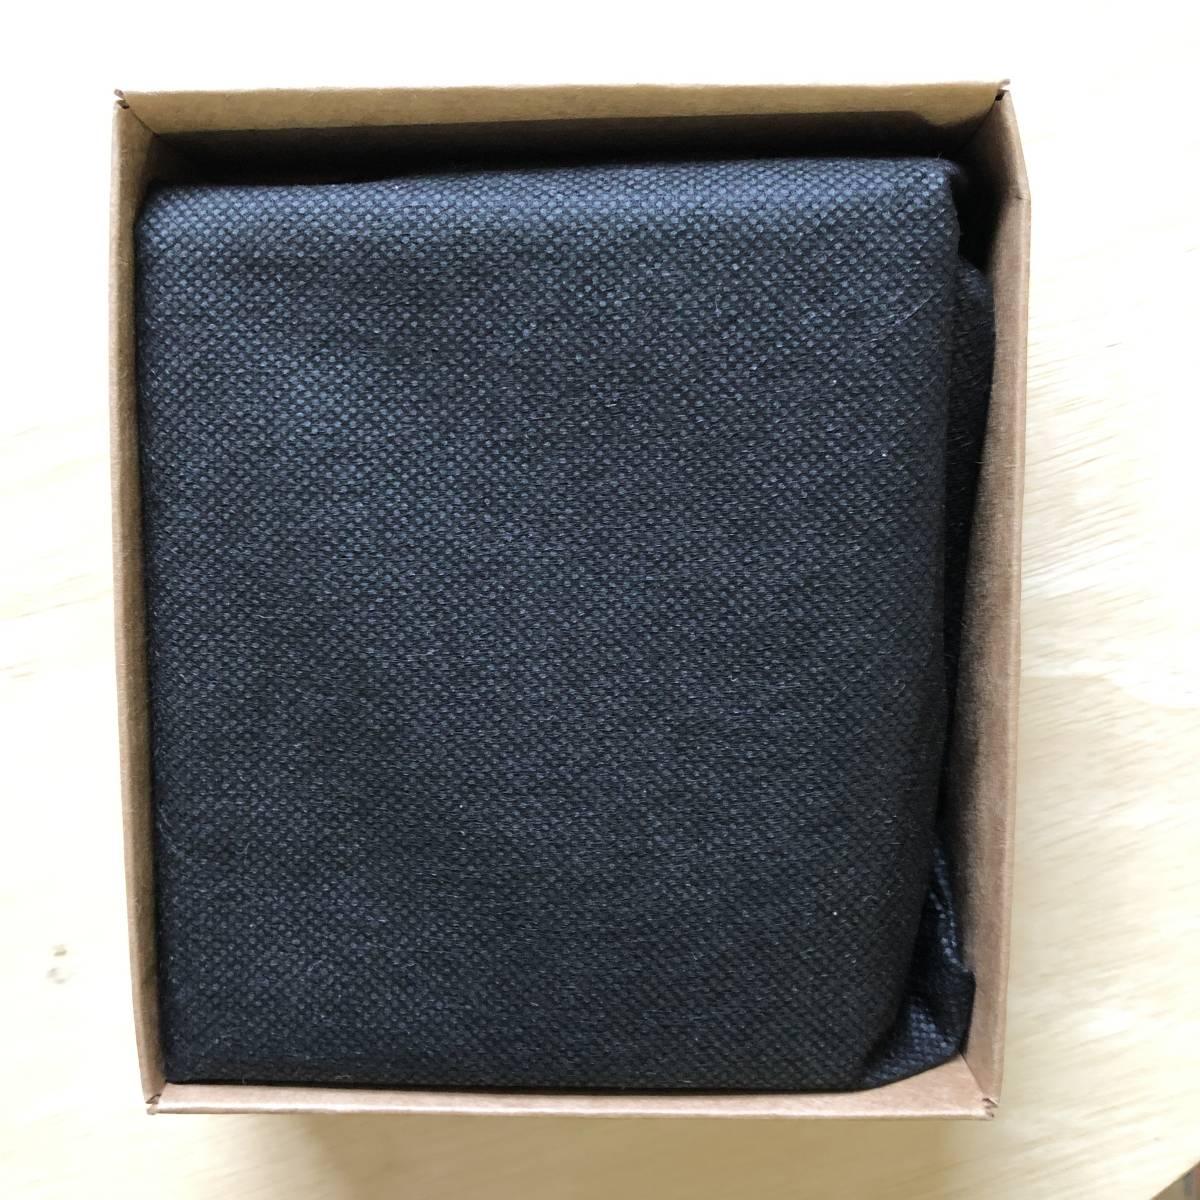 父の日のプレゼントに 無印良品 二つ折り財布 イタリア産ヌメ革 コインポケット付 黒 新品未使用_画像2